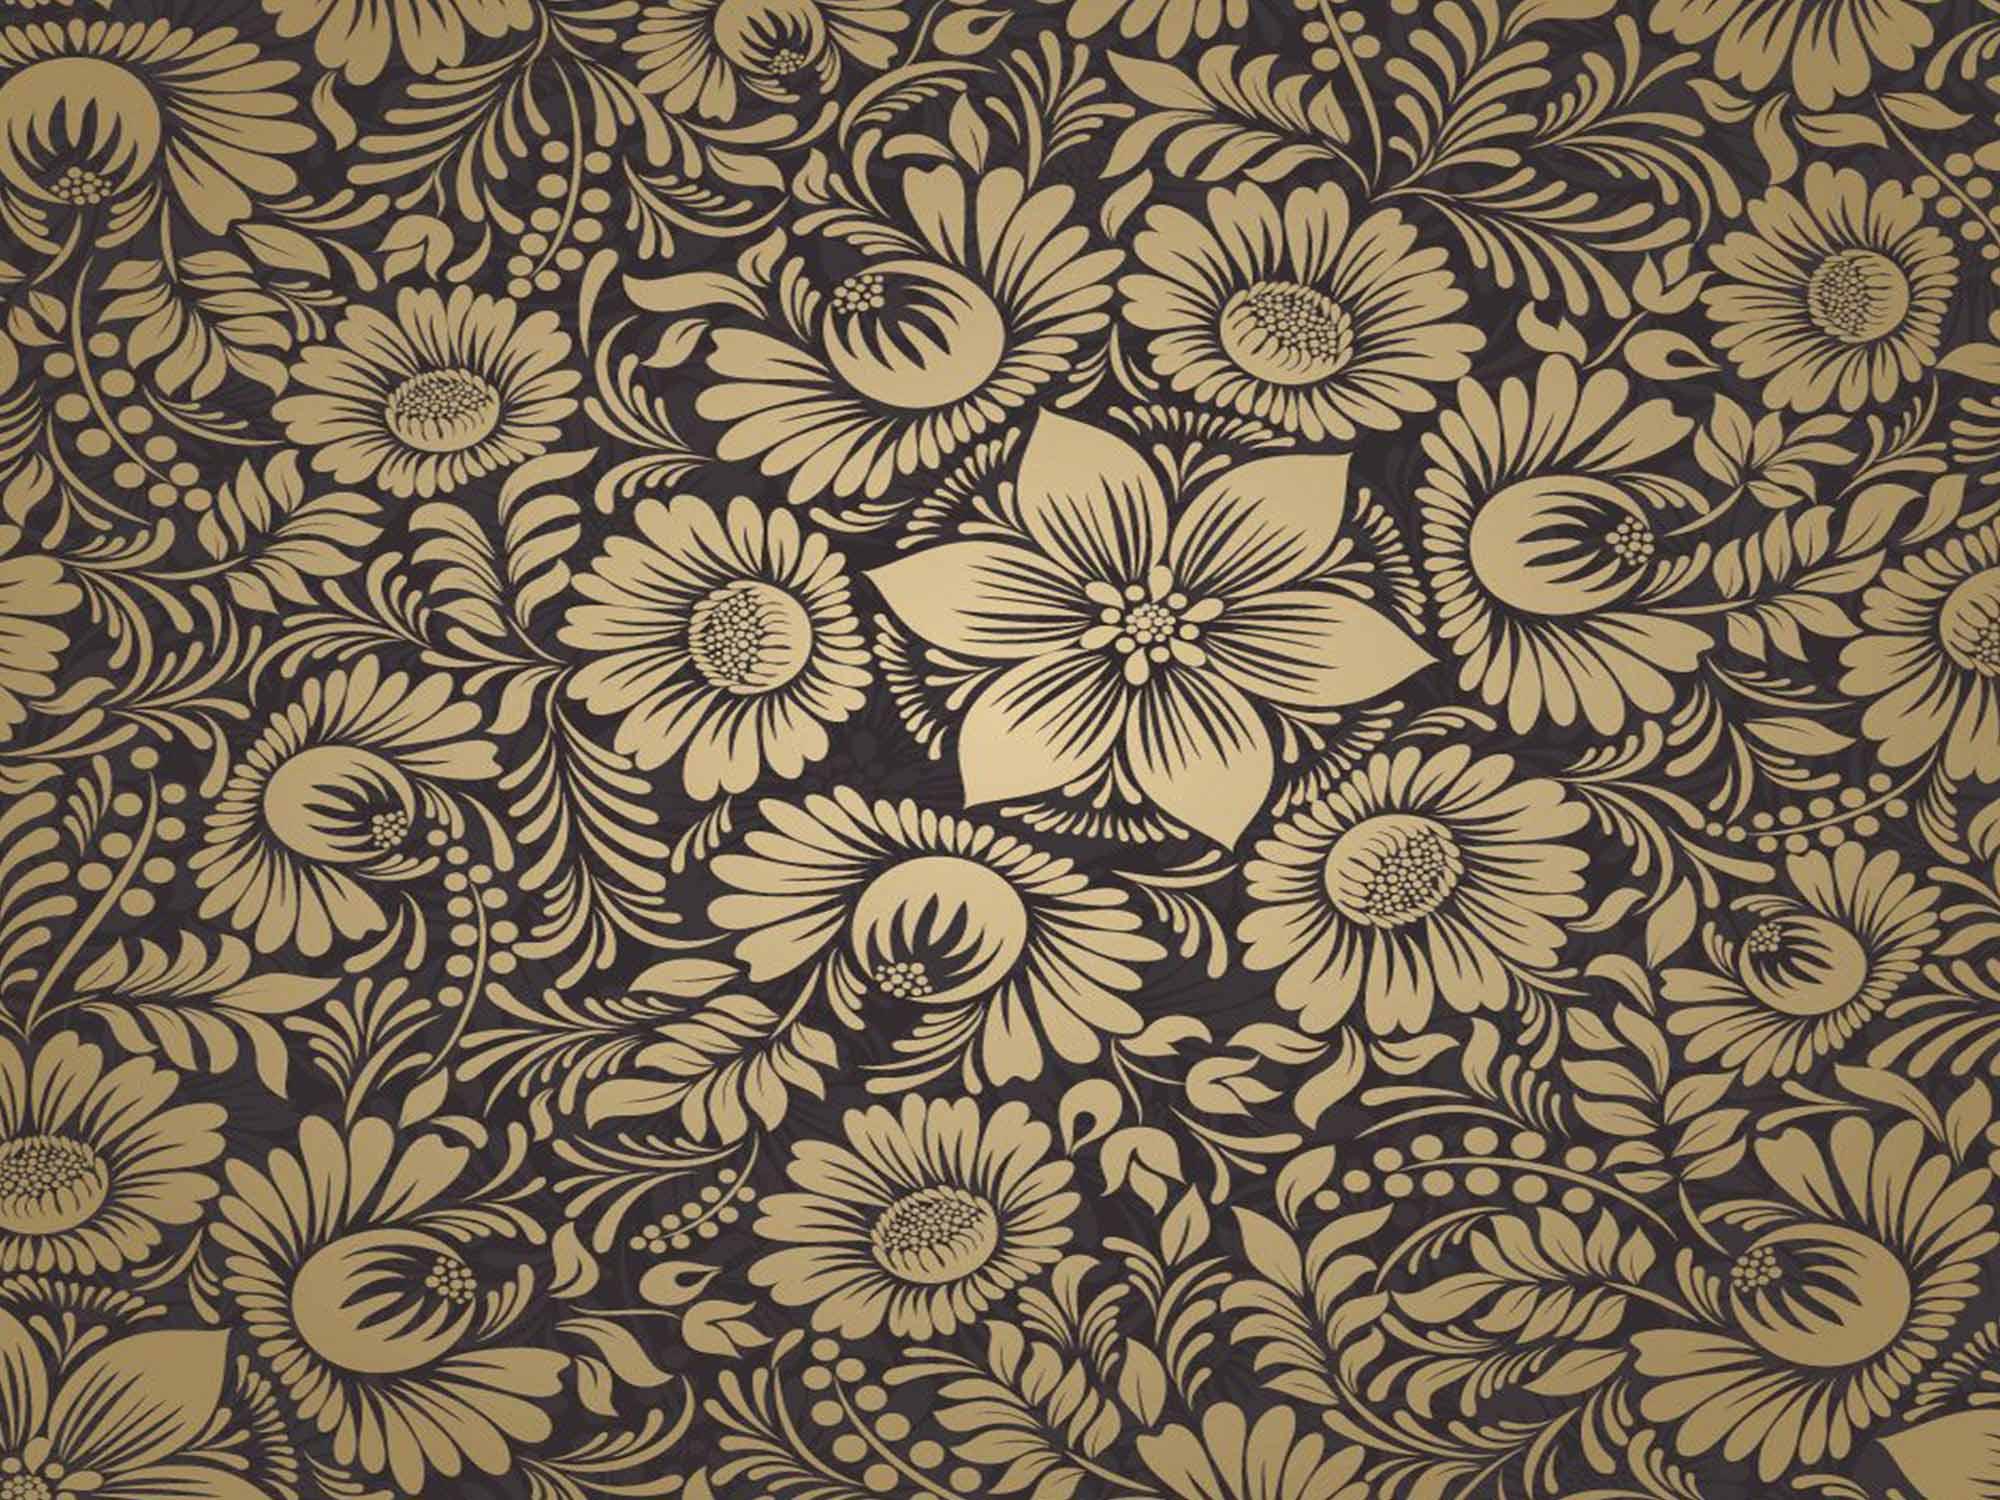 Papel de Parede Floral 0116 - (Rolo 3m x 59cm) - PROMOÇÃO  - Paredes Decoradas